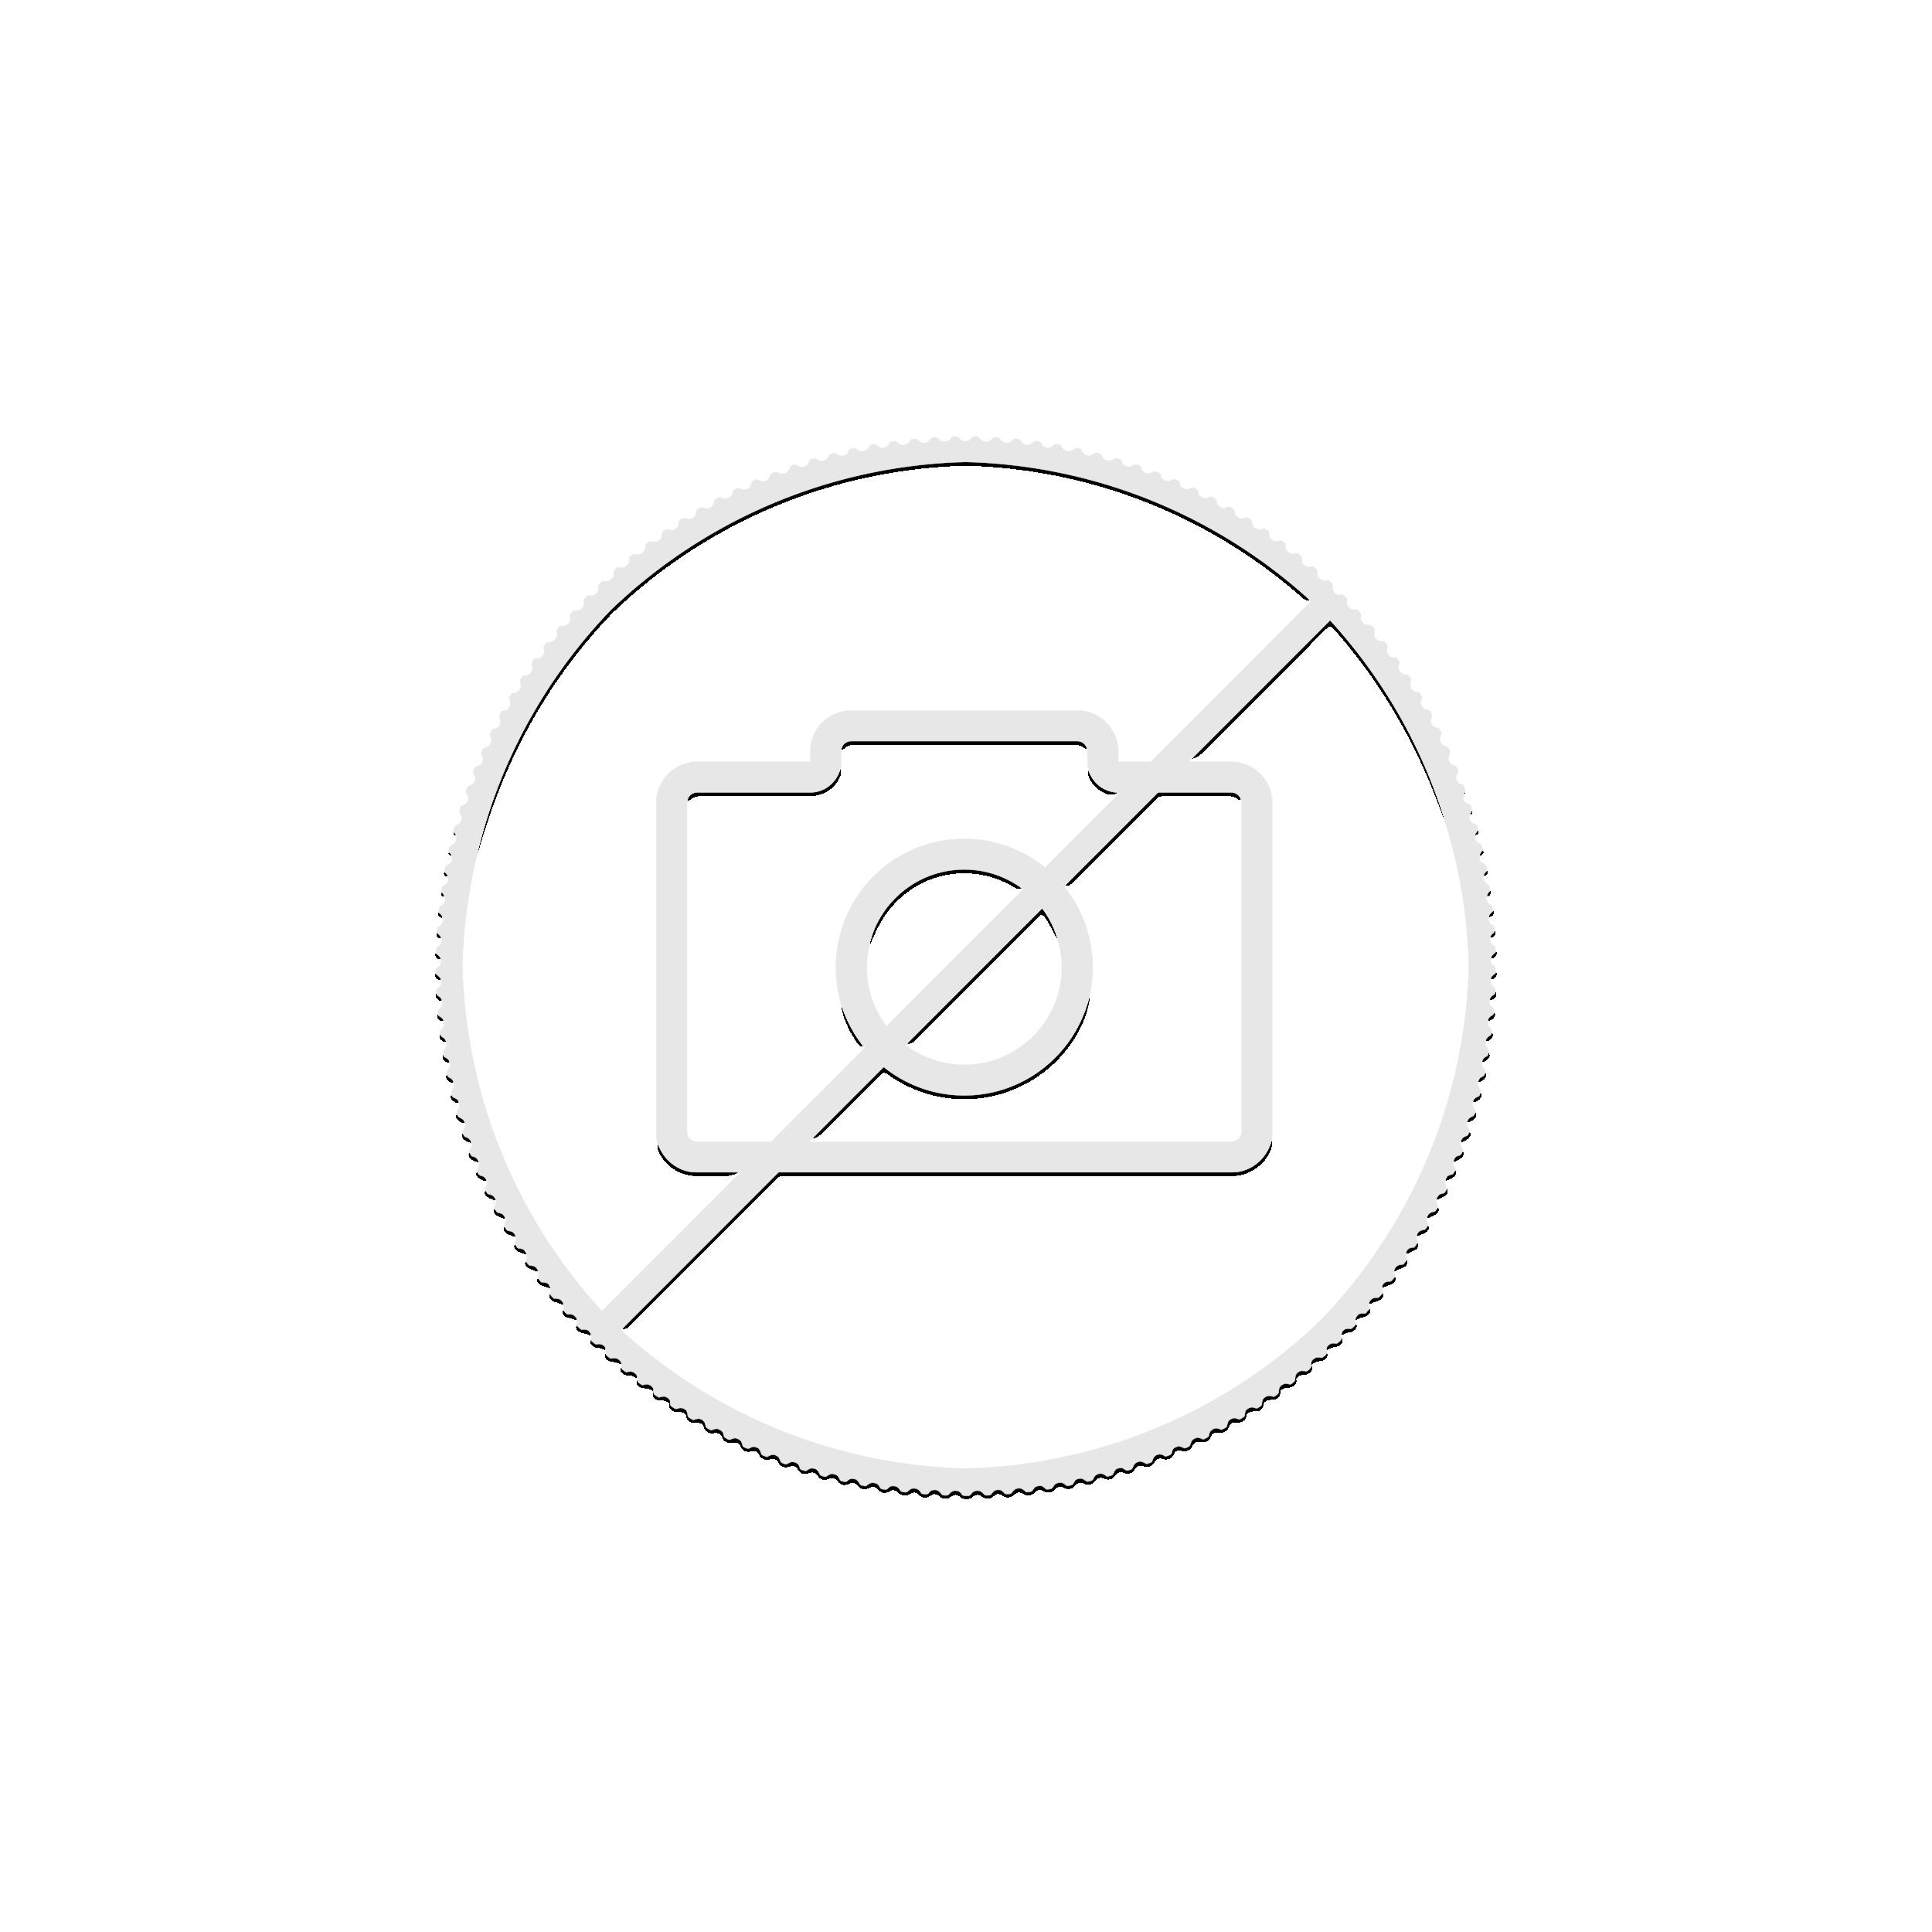 2 oz zilveren munt Fortuna hemelse schoonheid 2021